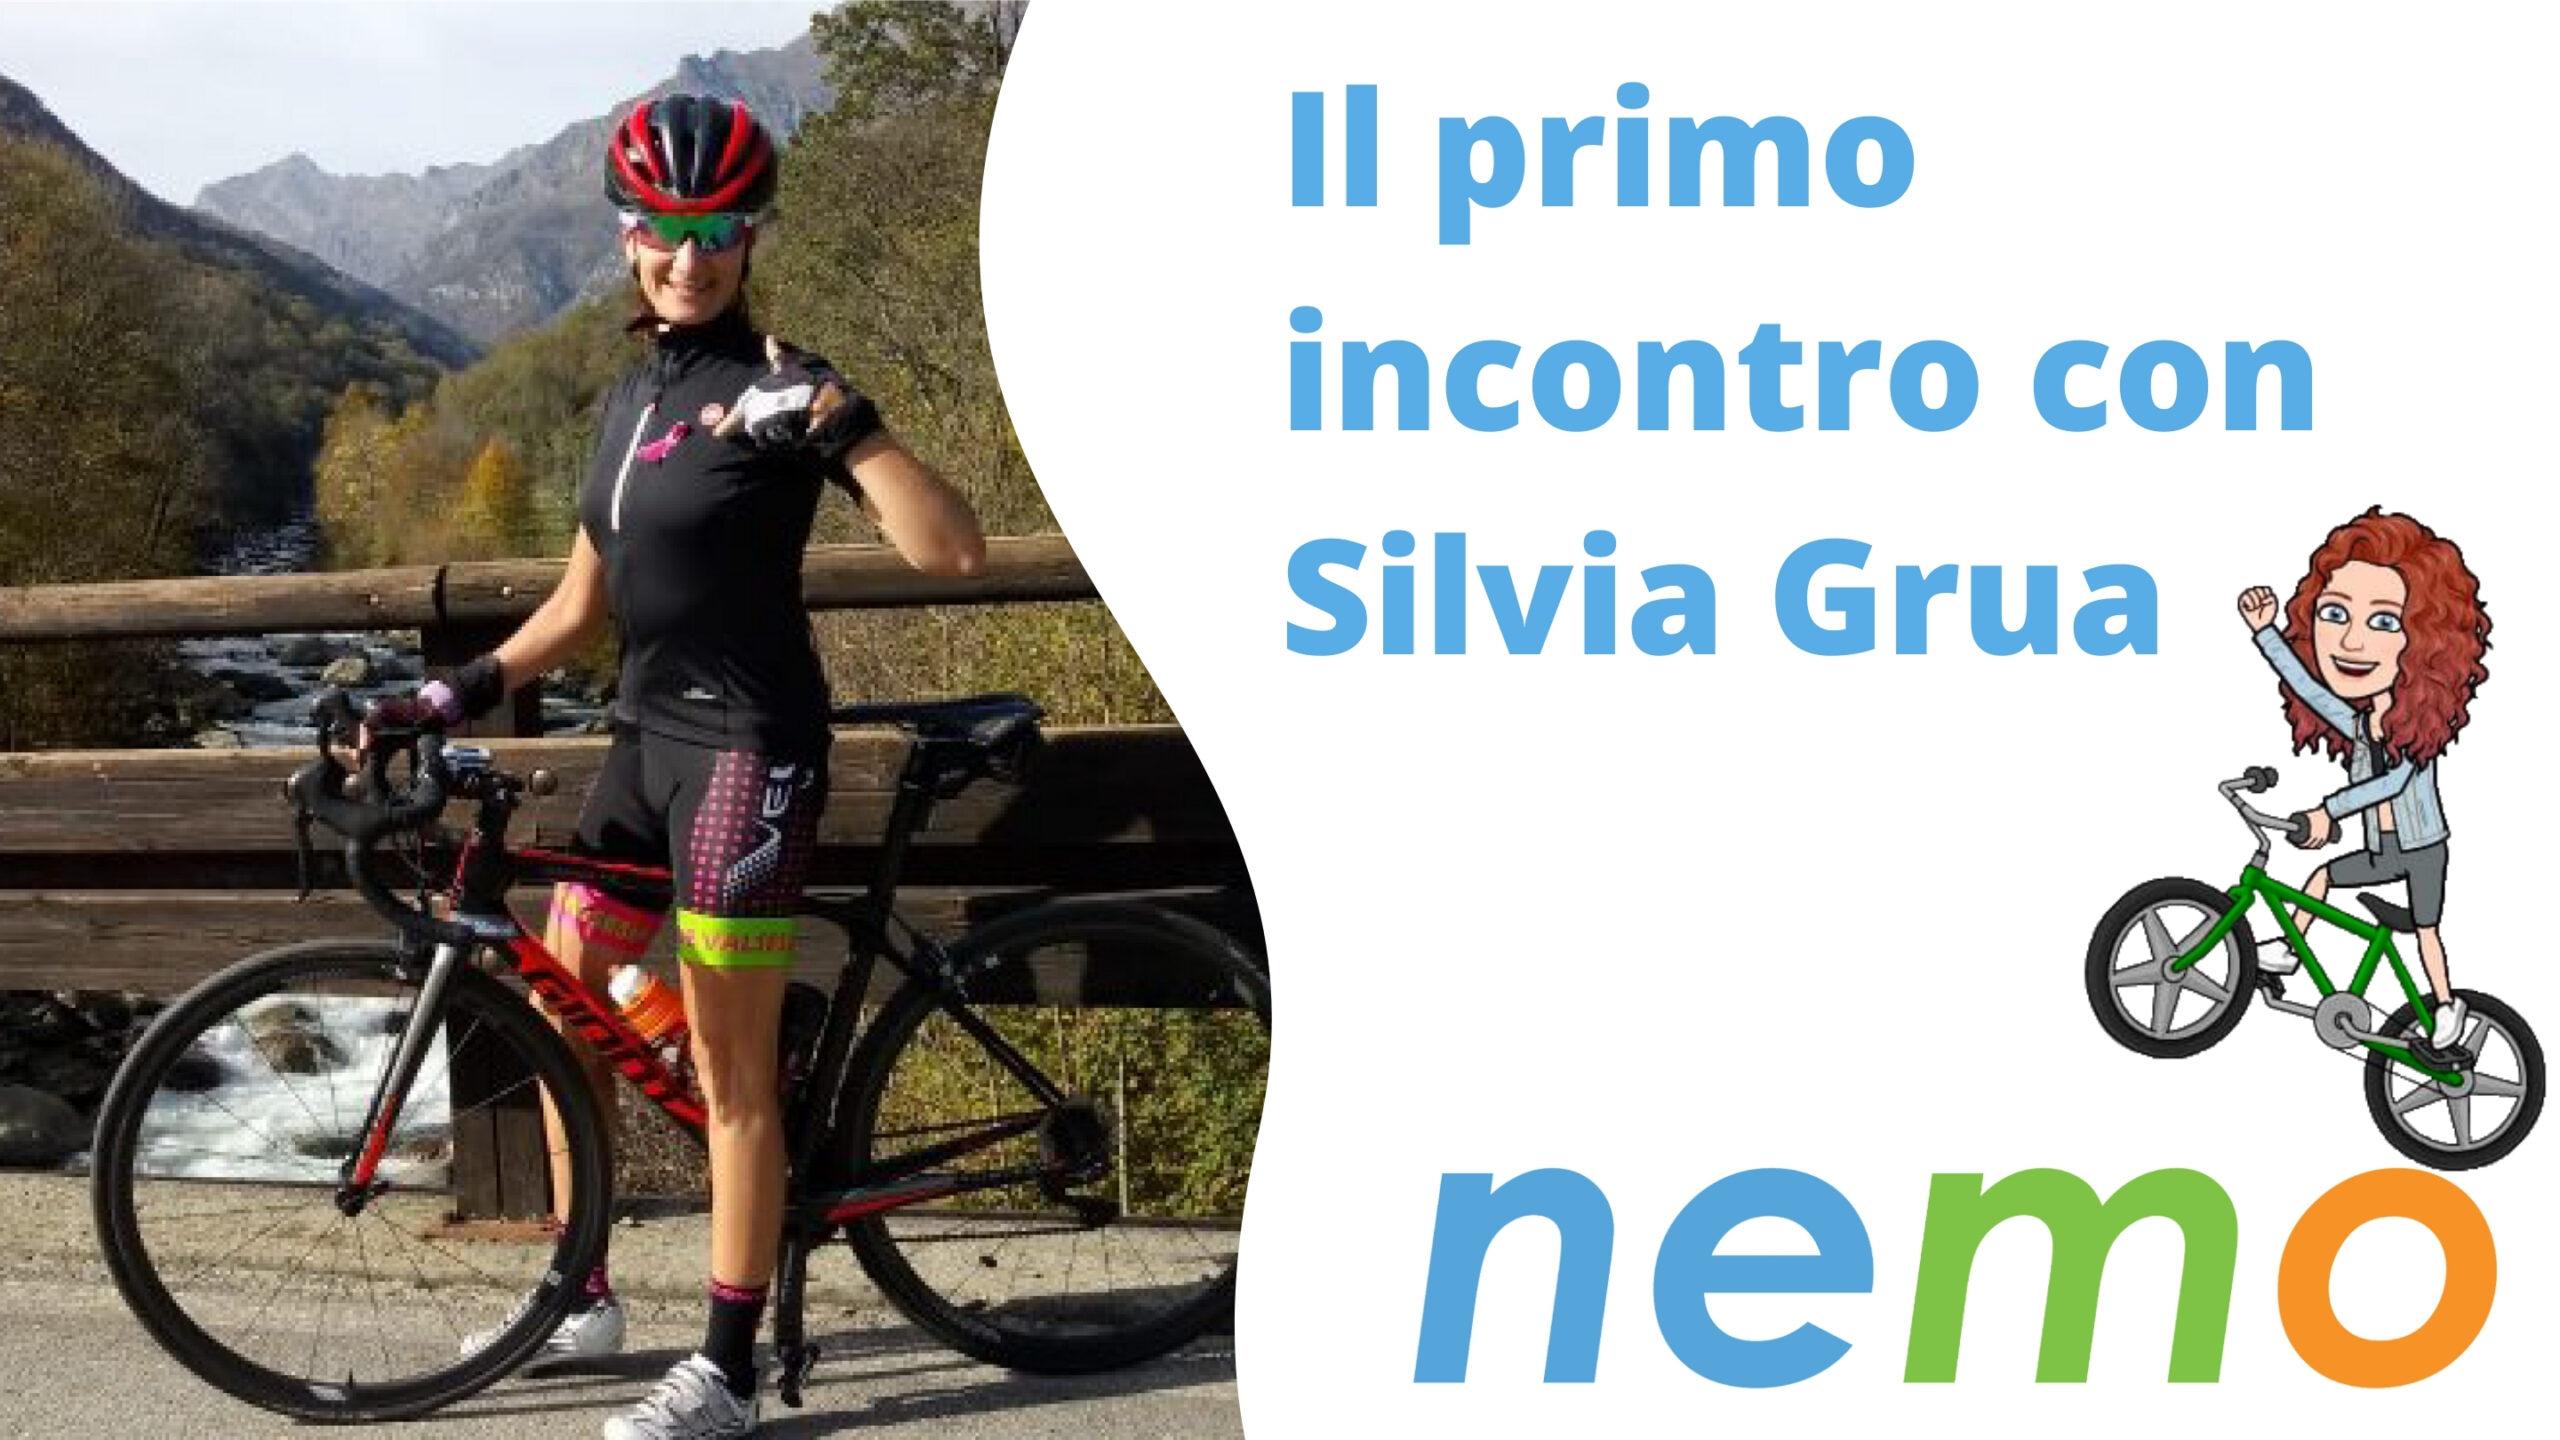 Silvia Grua